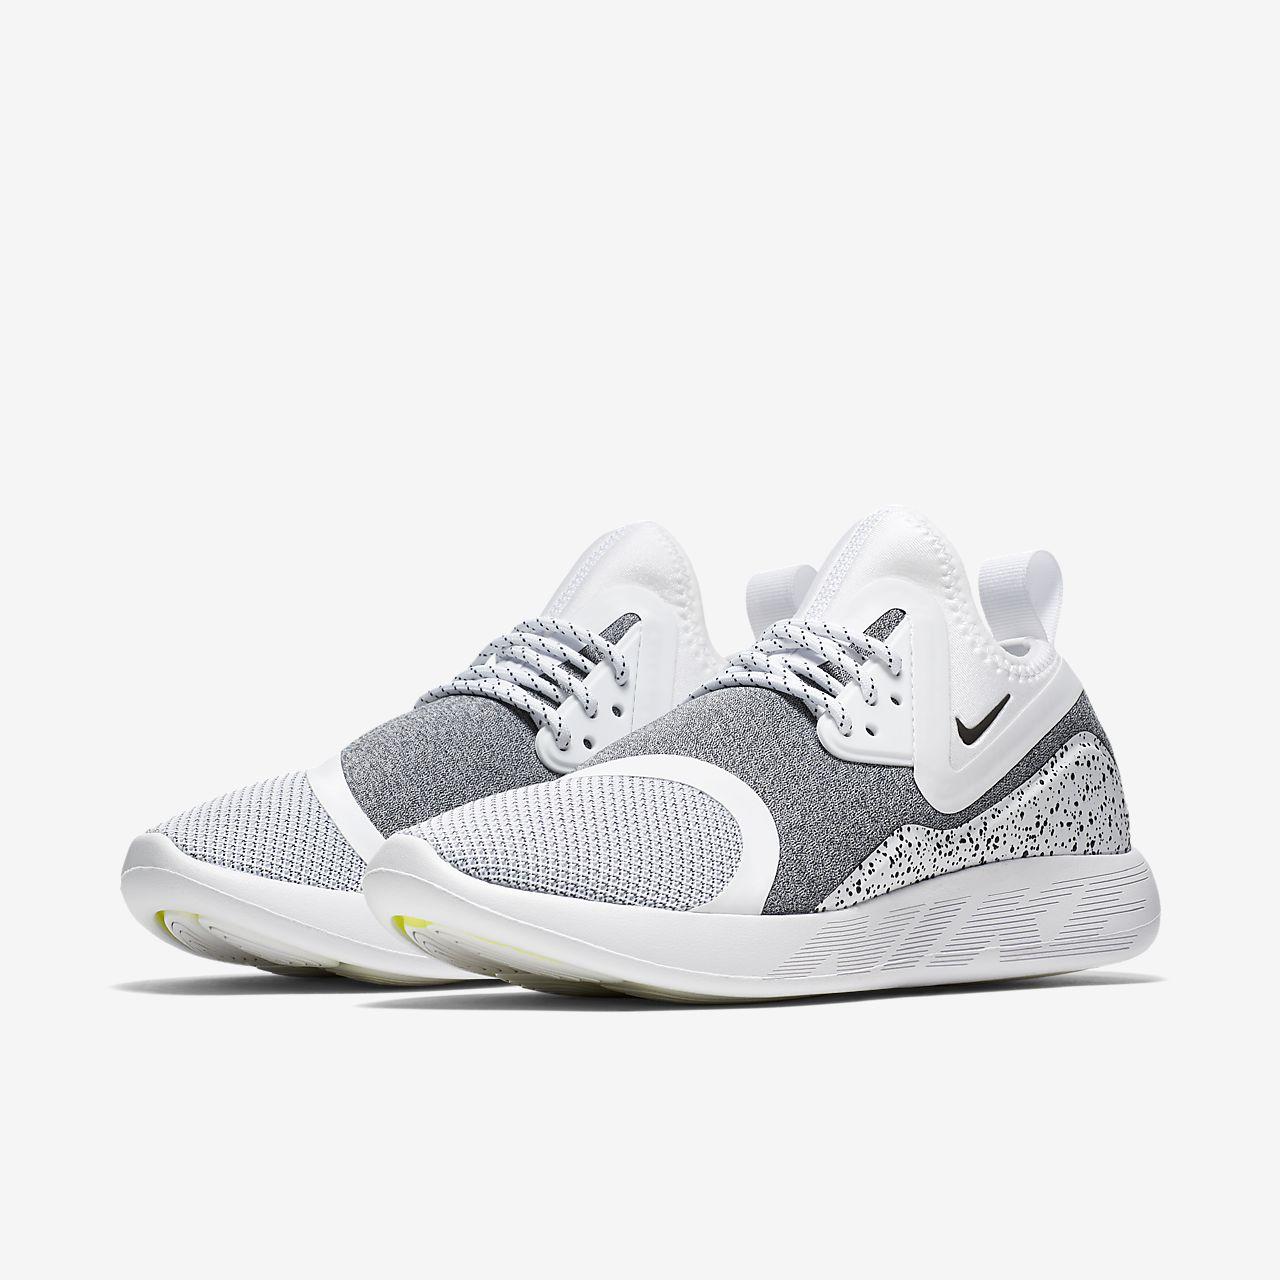 Nike Frais Lunaire réduction classique W9scXpwcH